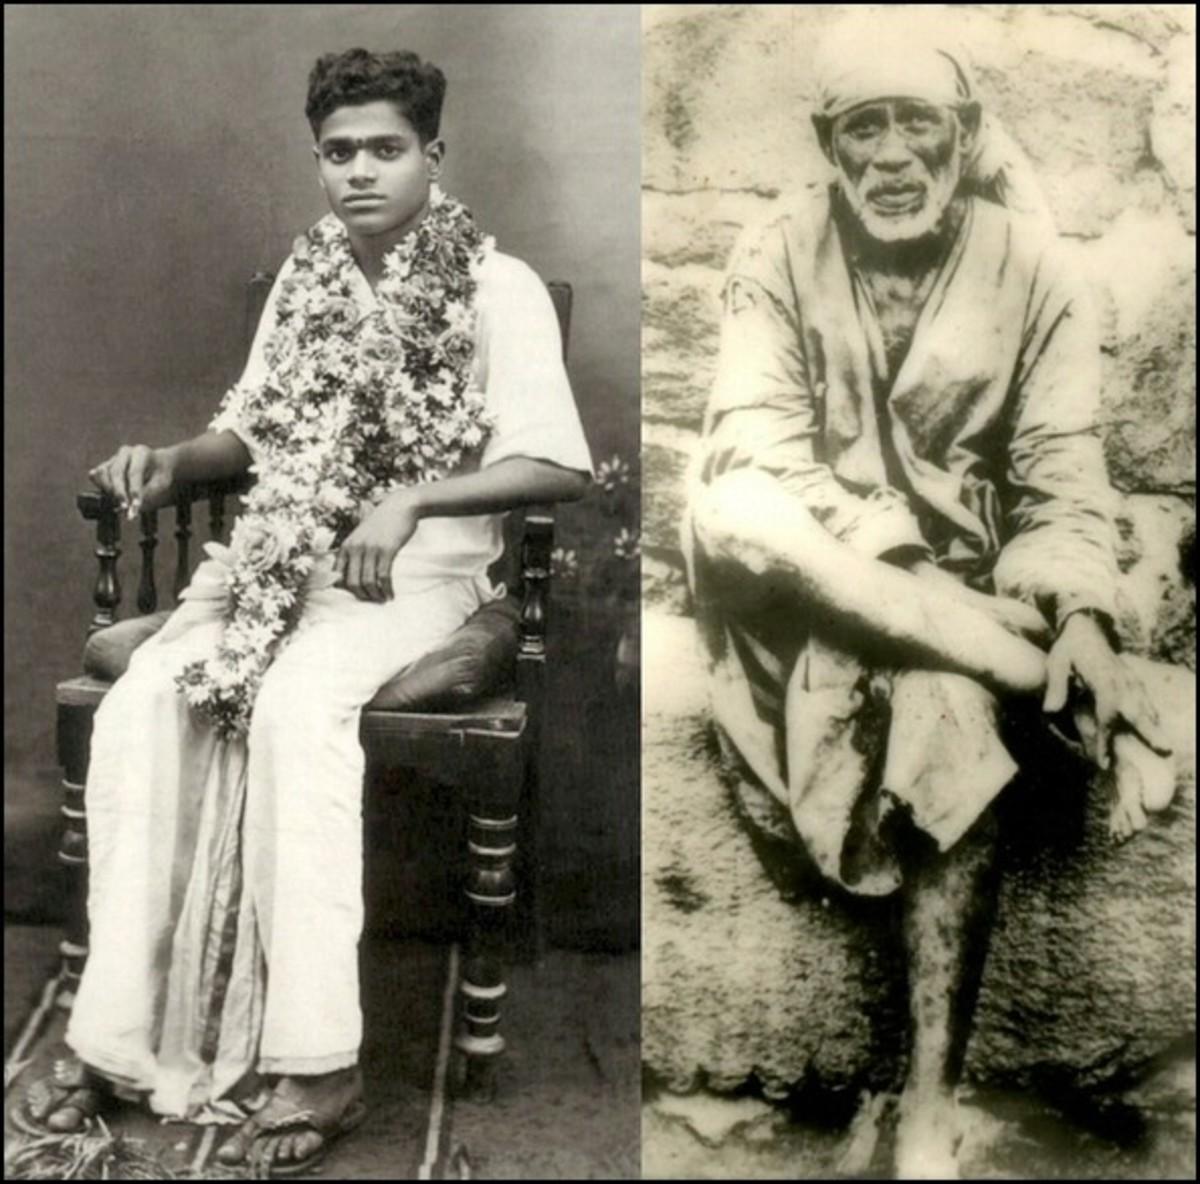 Sri Sathya Sai Baba (primeros días) y Sri Shirdi Sai Baba (últimos días) - muchos han experimentado la unidad de los dos Babas.